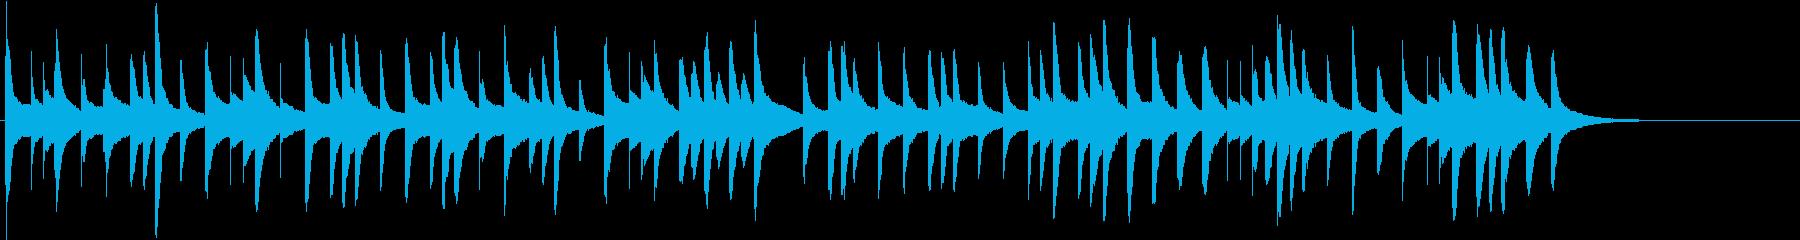 もみじの曲のオルゴール(シンセ)アレンジの再生済みの波形